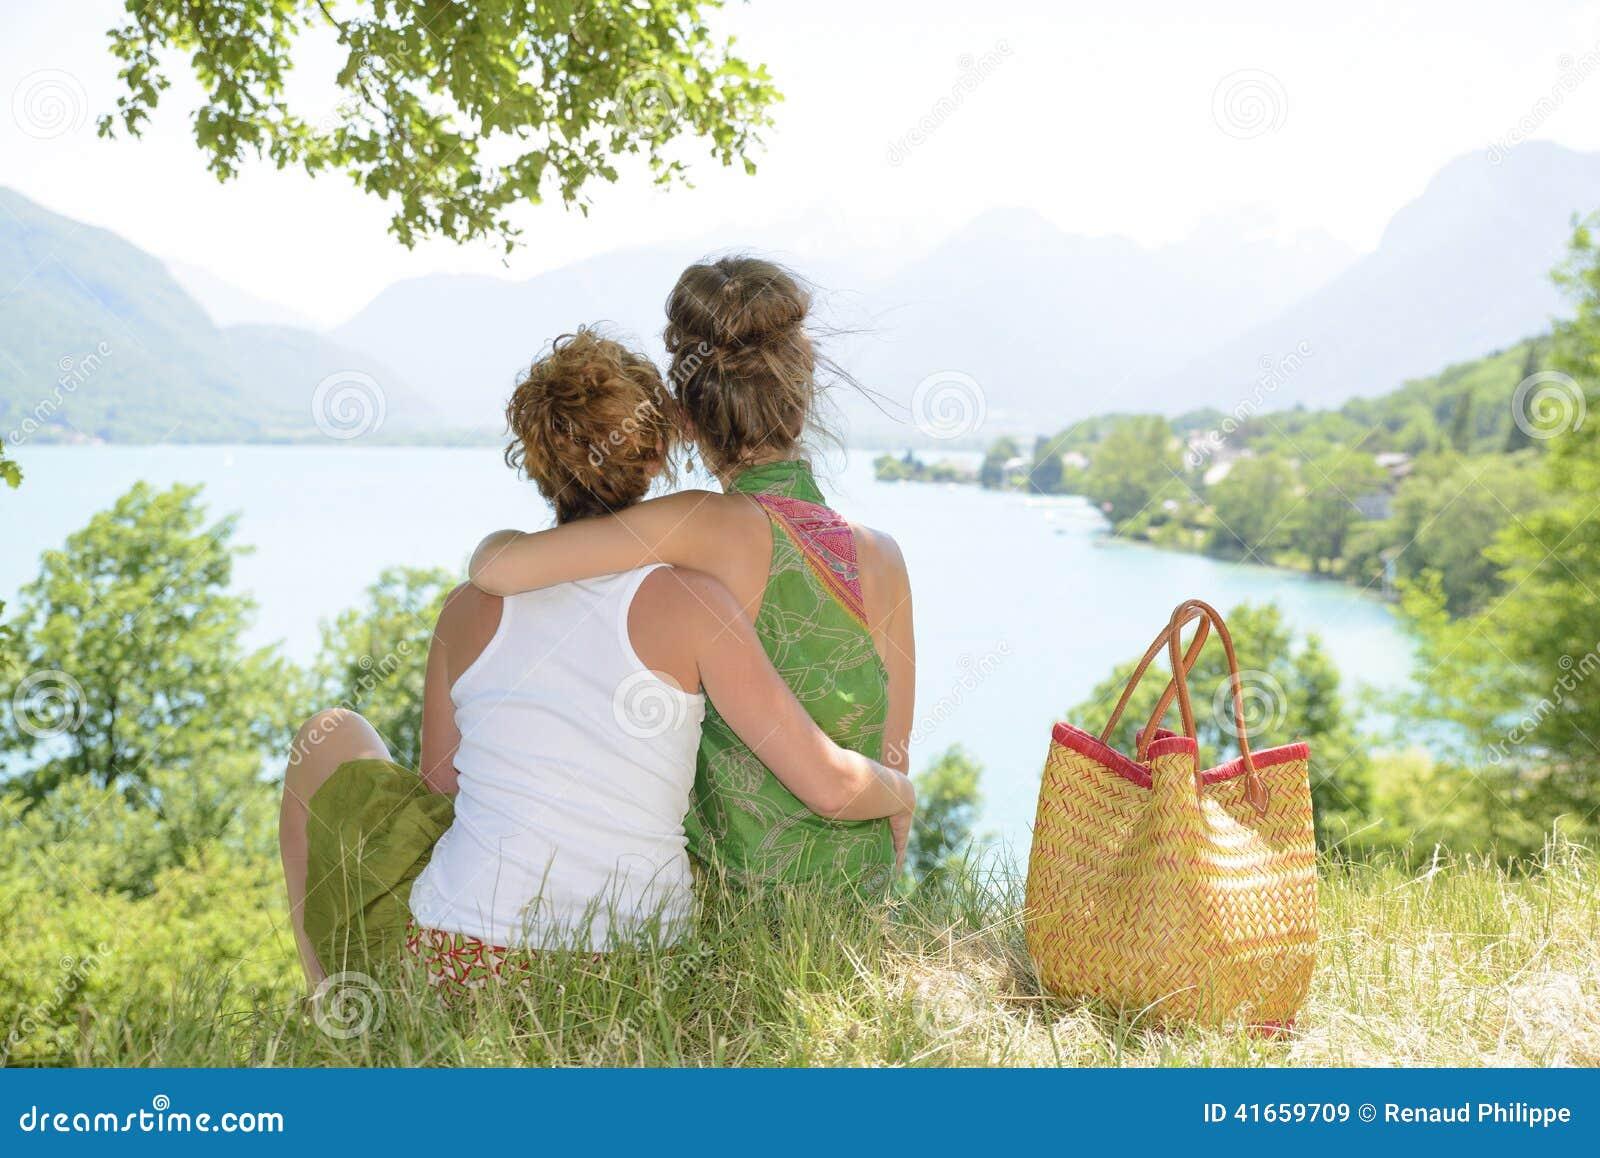 2 лесбиянки в природе восхищают ландшафт